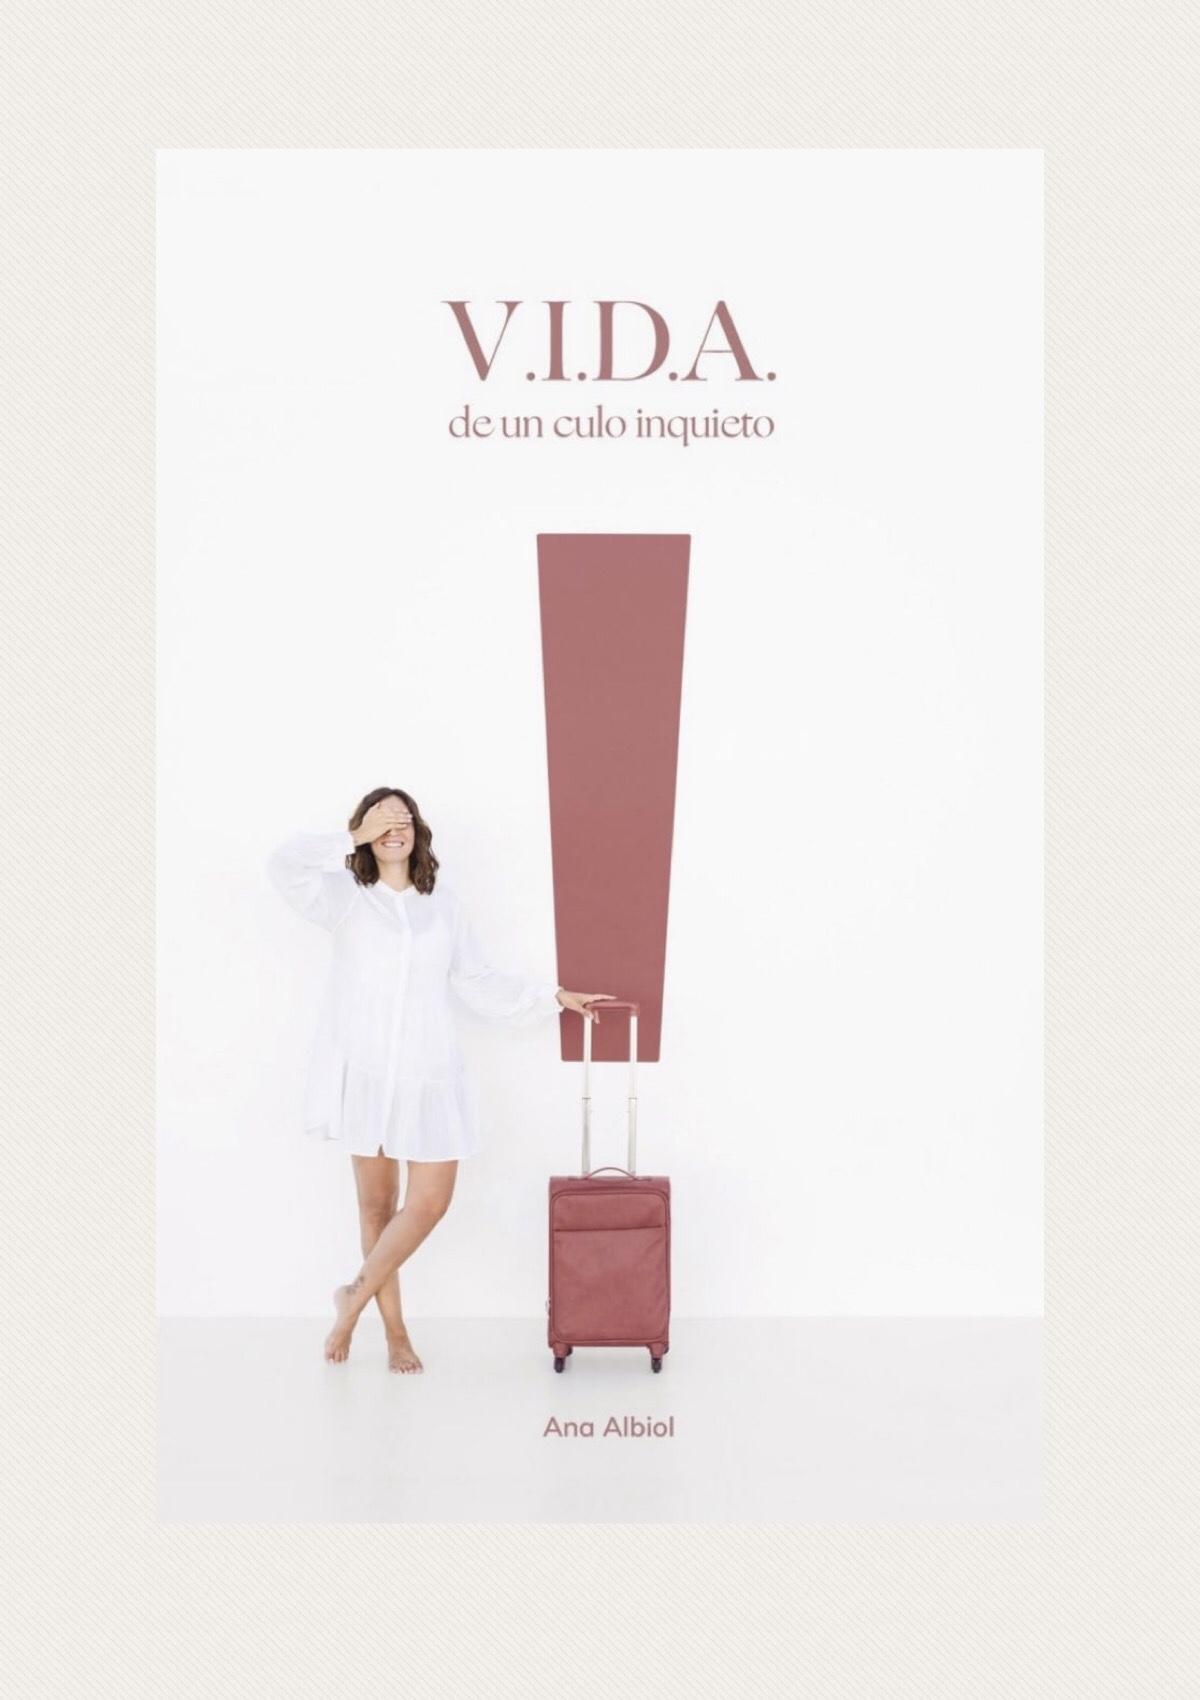 V.I.D.A. DE UN CULO INQUIETO, de Ana Albiol.